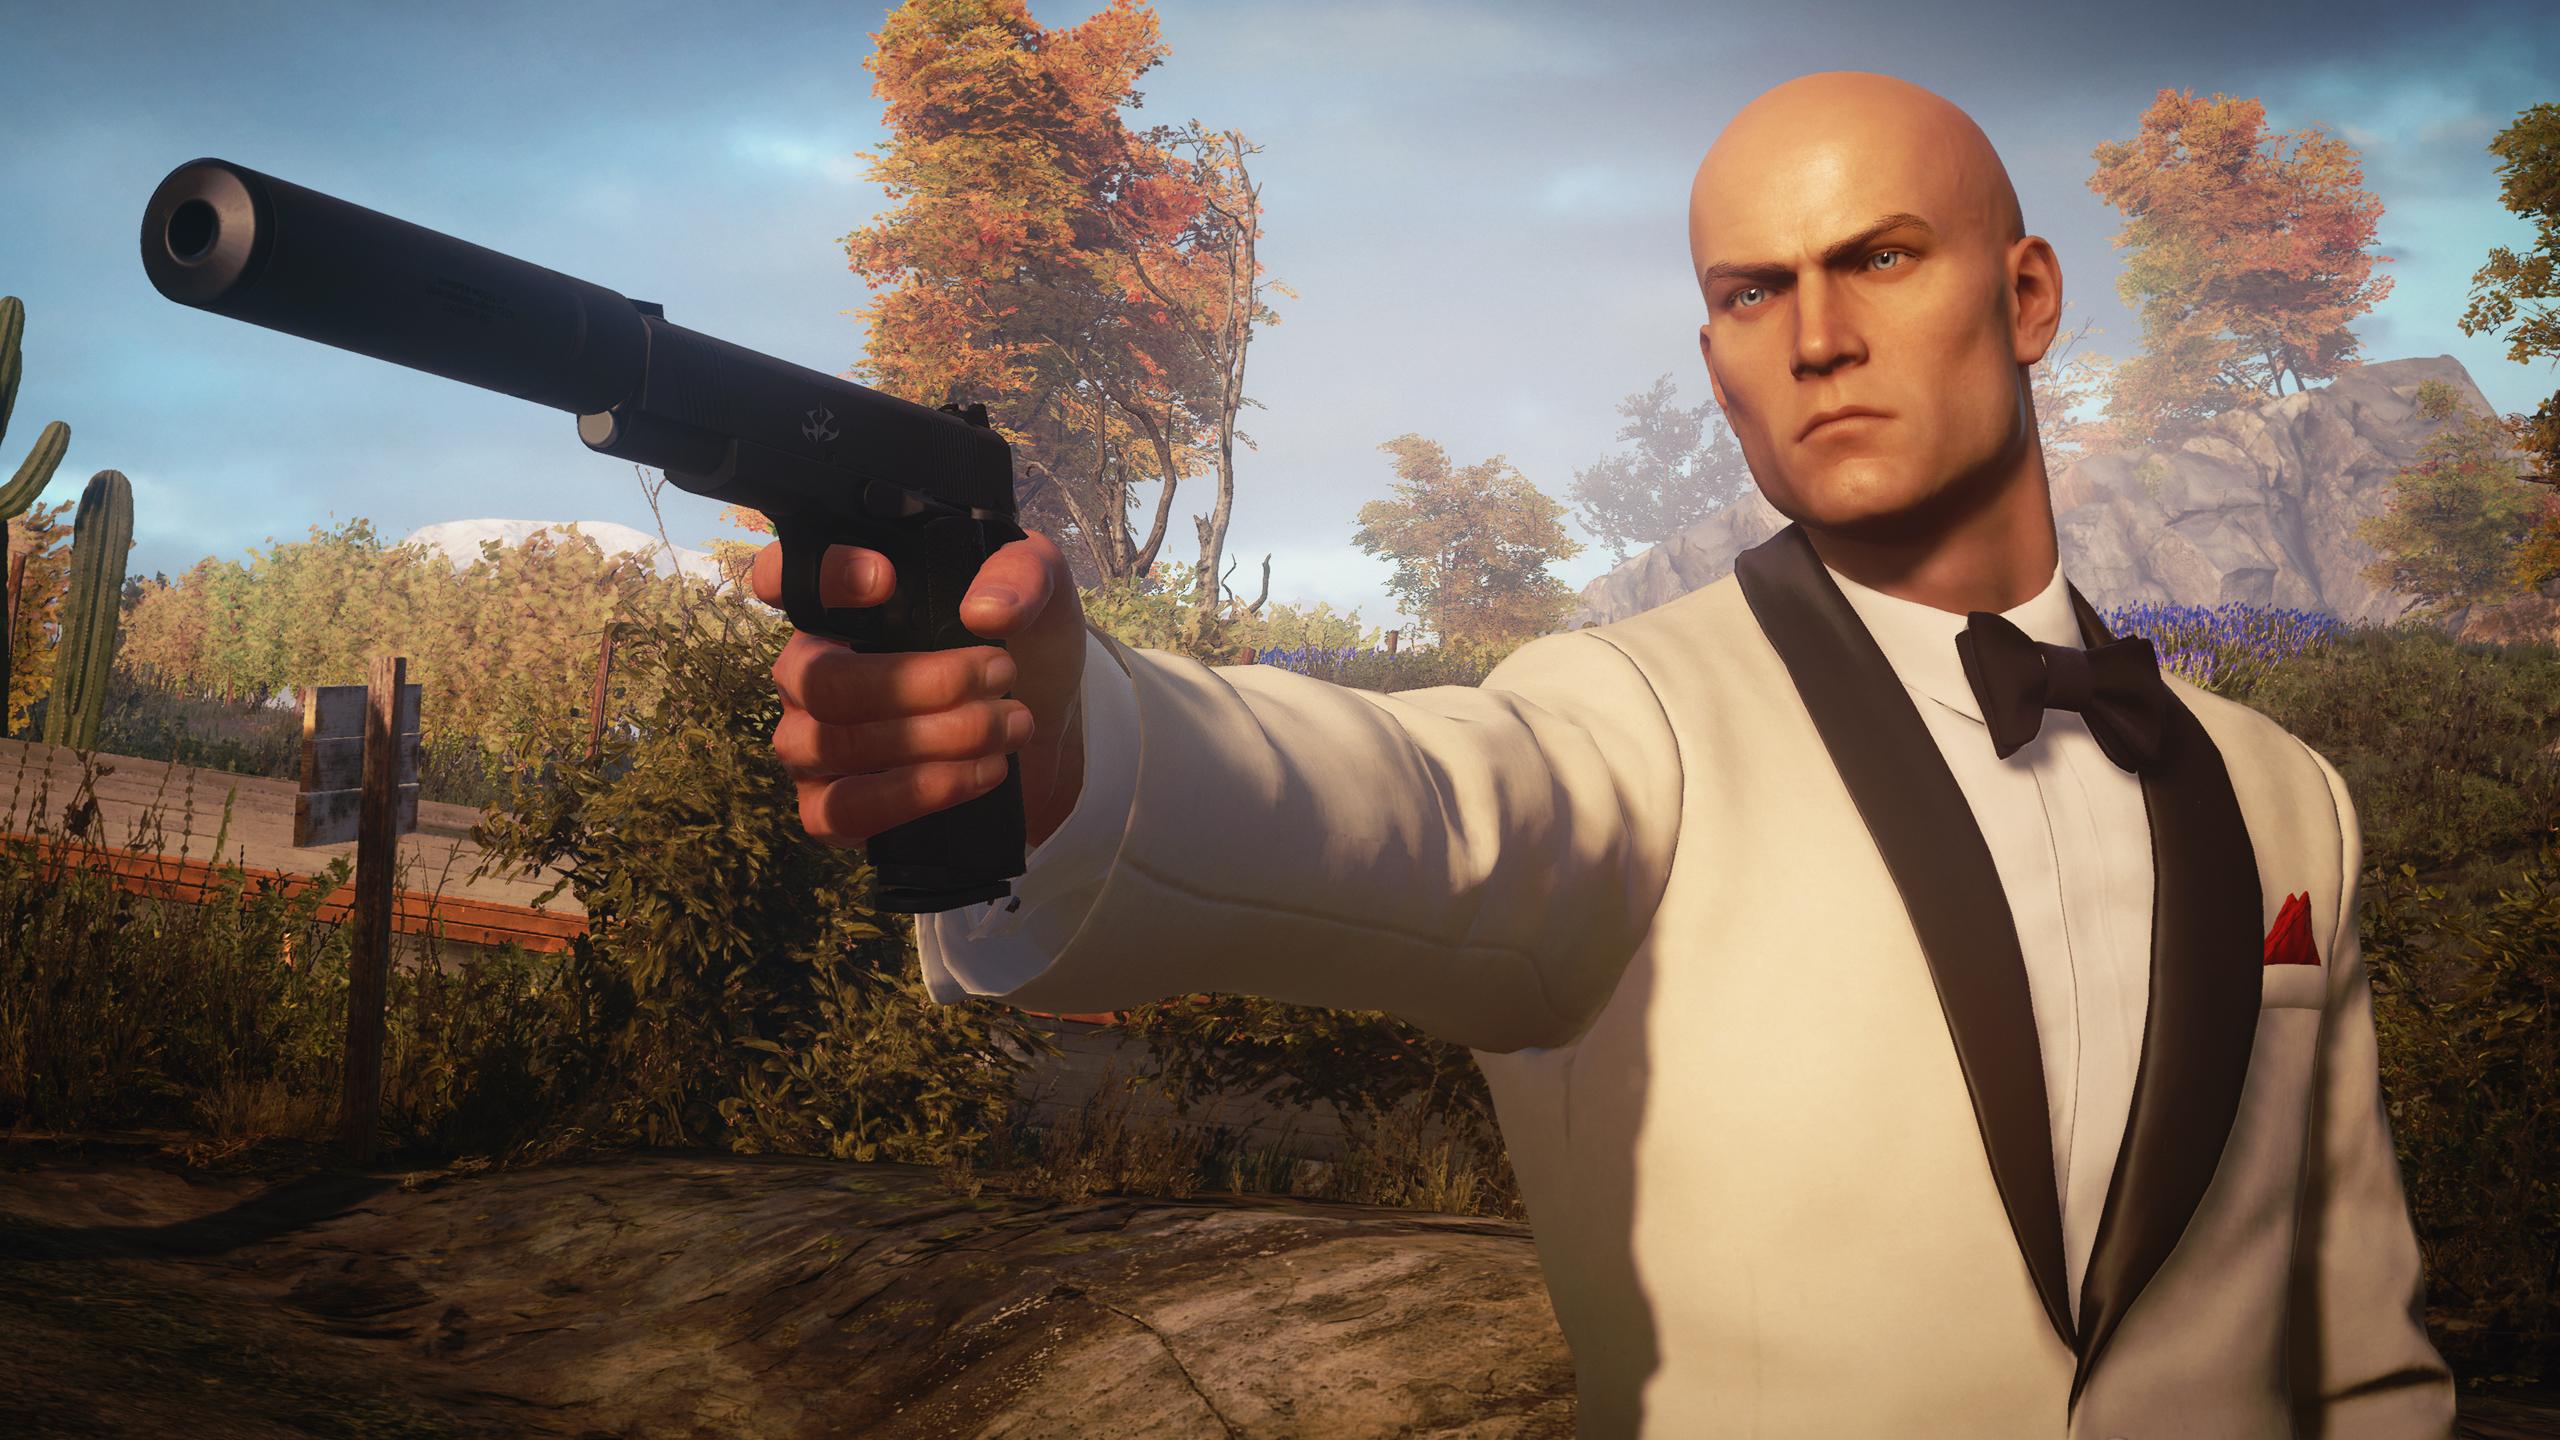 У IO Interactive случился самый прибыльный год в истории — спасибо HITMAN 3 и трилогии в целом